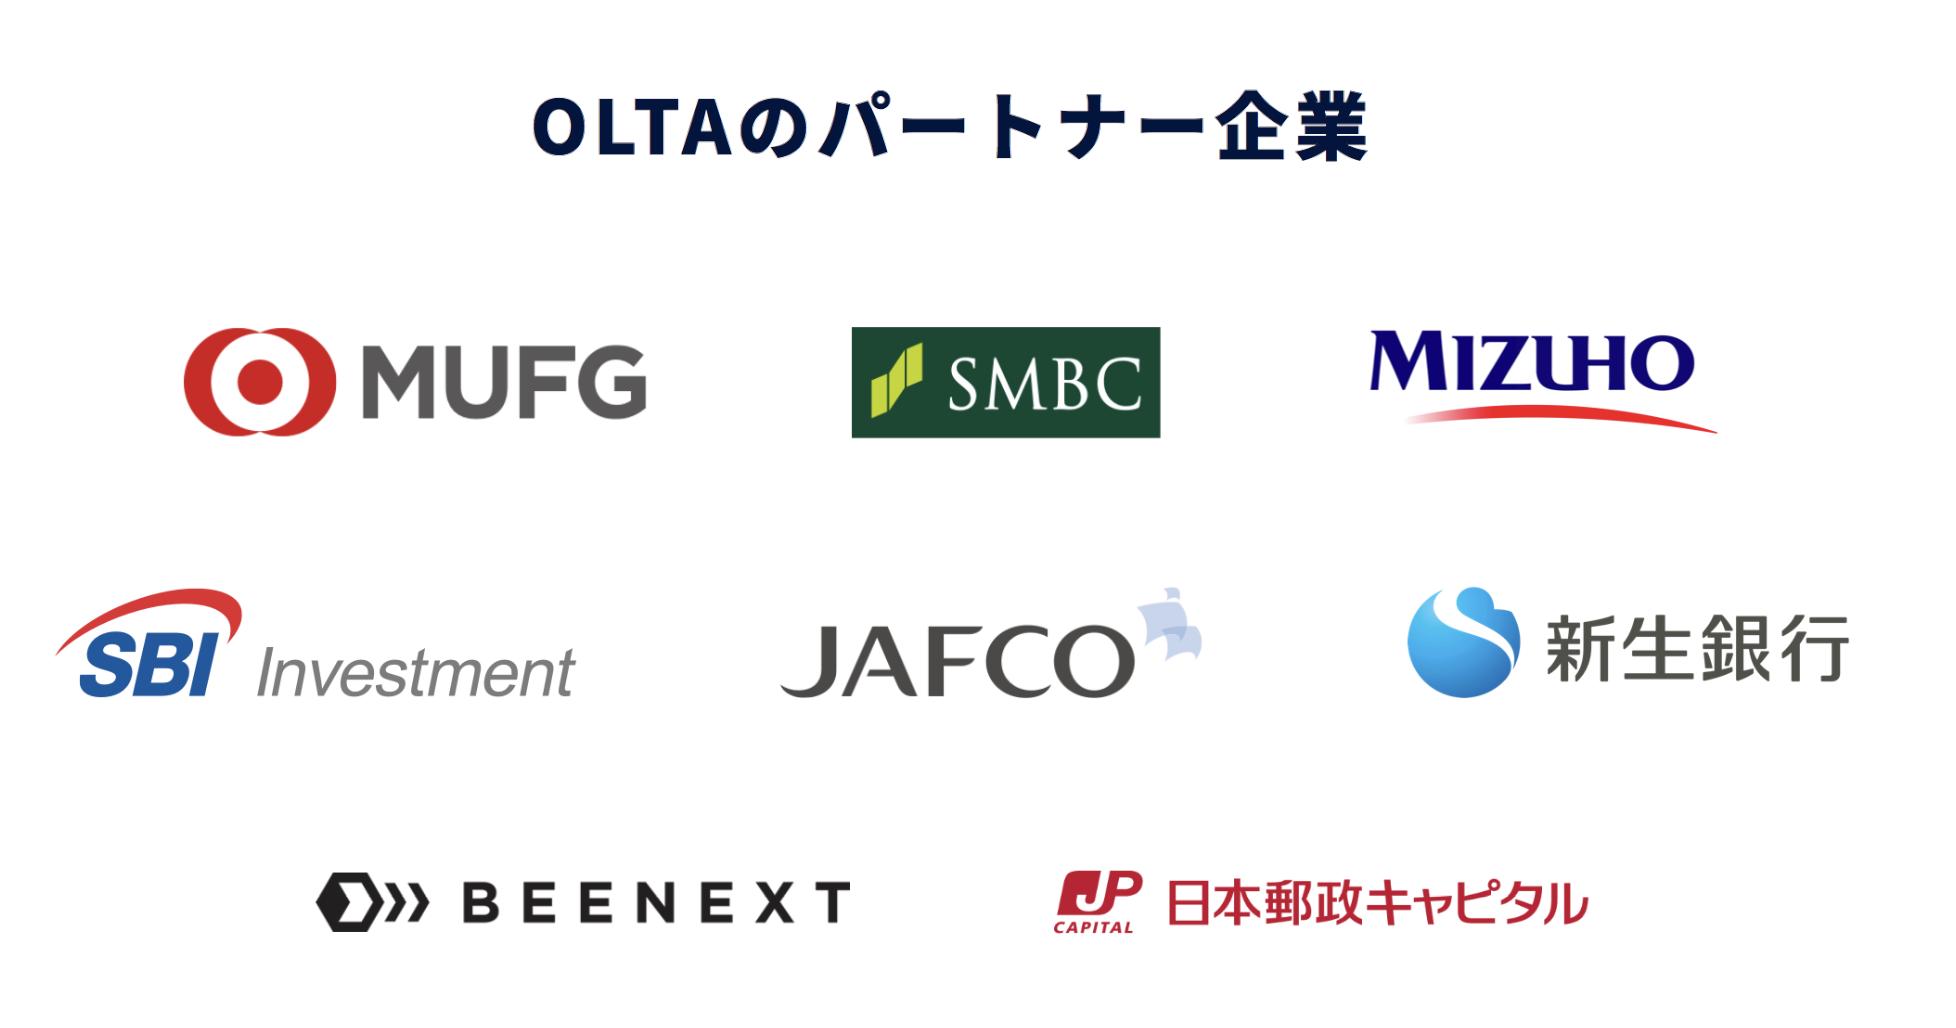 OLTAのパートナー企業